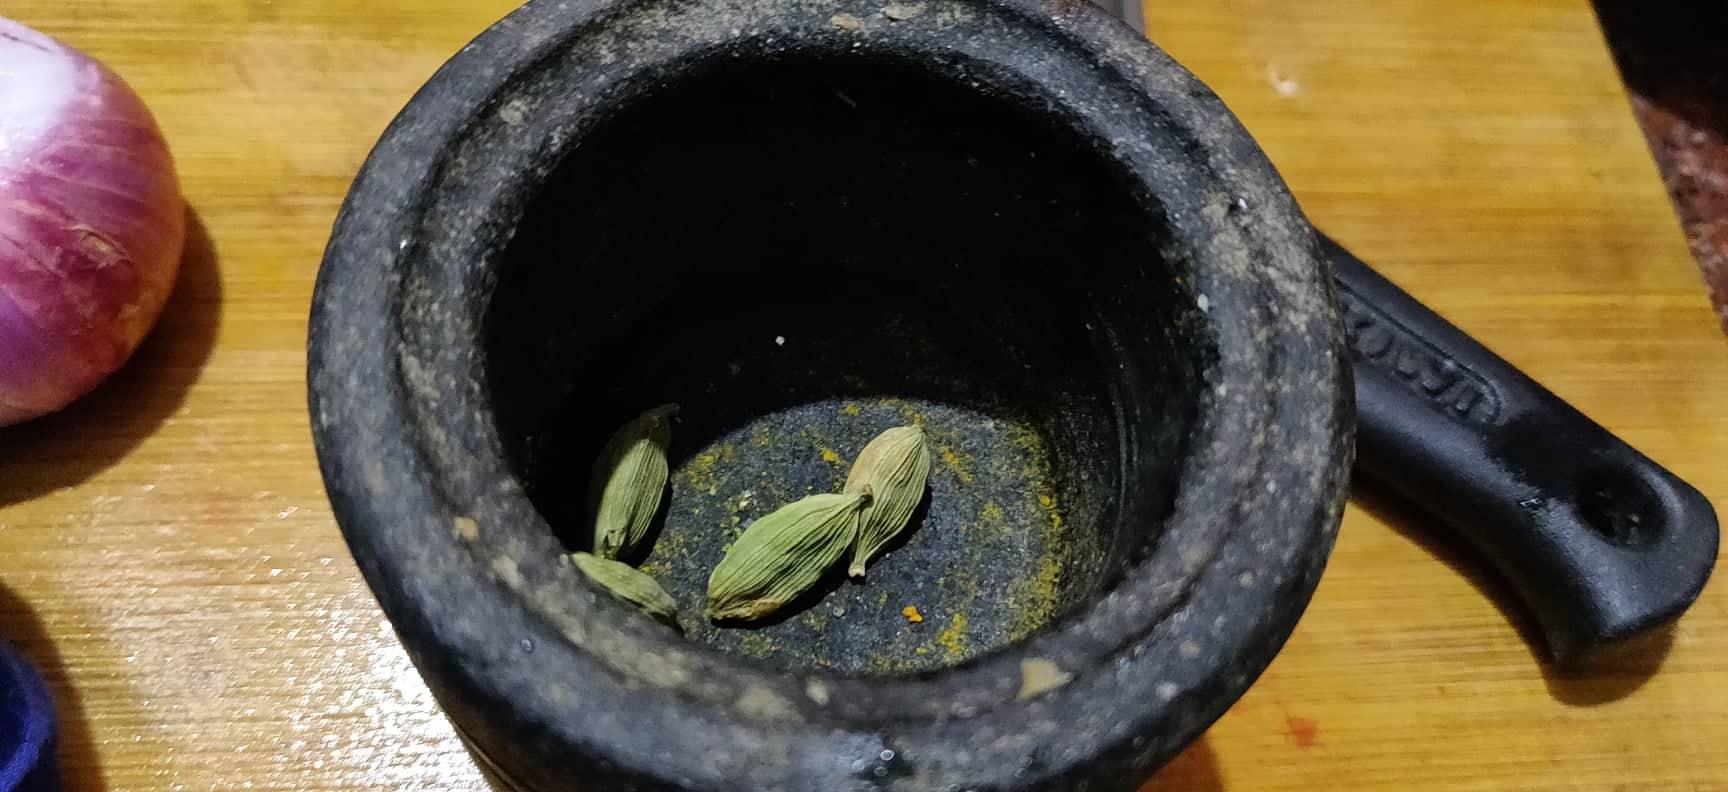 sakkarai_pongal_in_brass_pot - 137381377_397778904852979_3442398664290055286_n